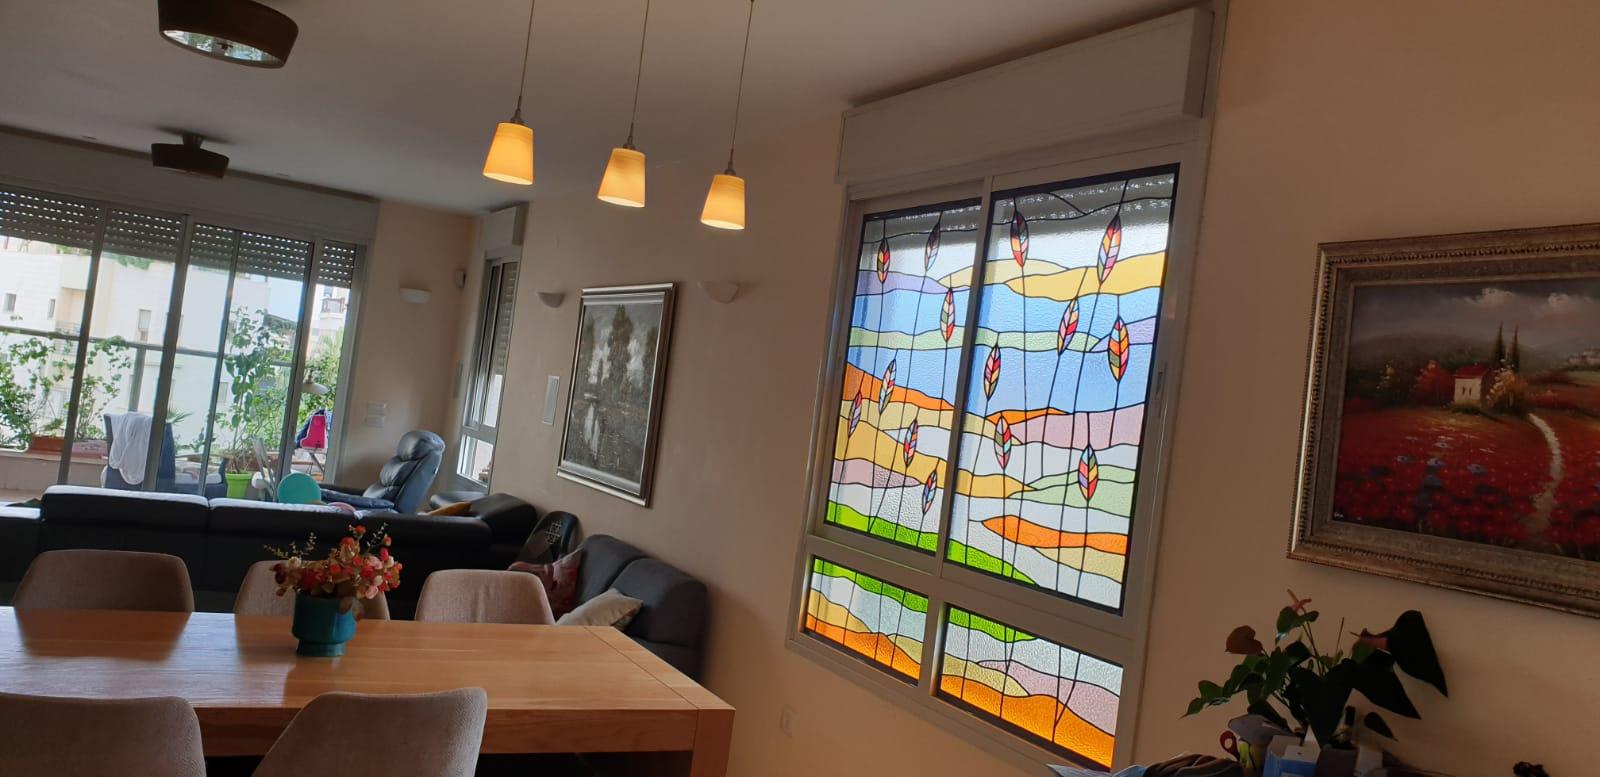 חלונות מעוצבים לדירה ברחובות